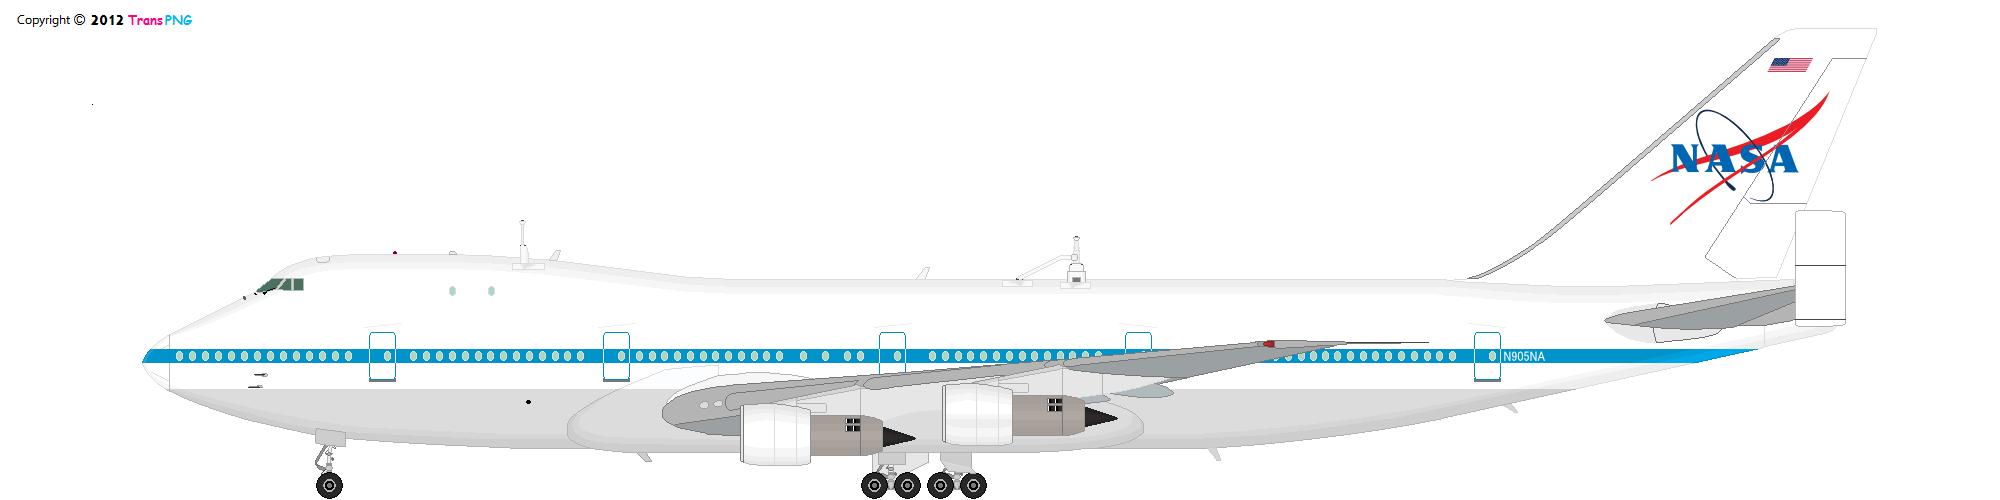 政府/軍用飛機 7015